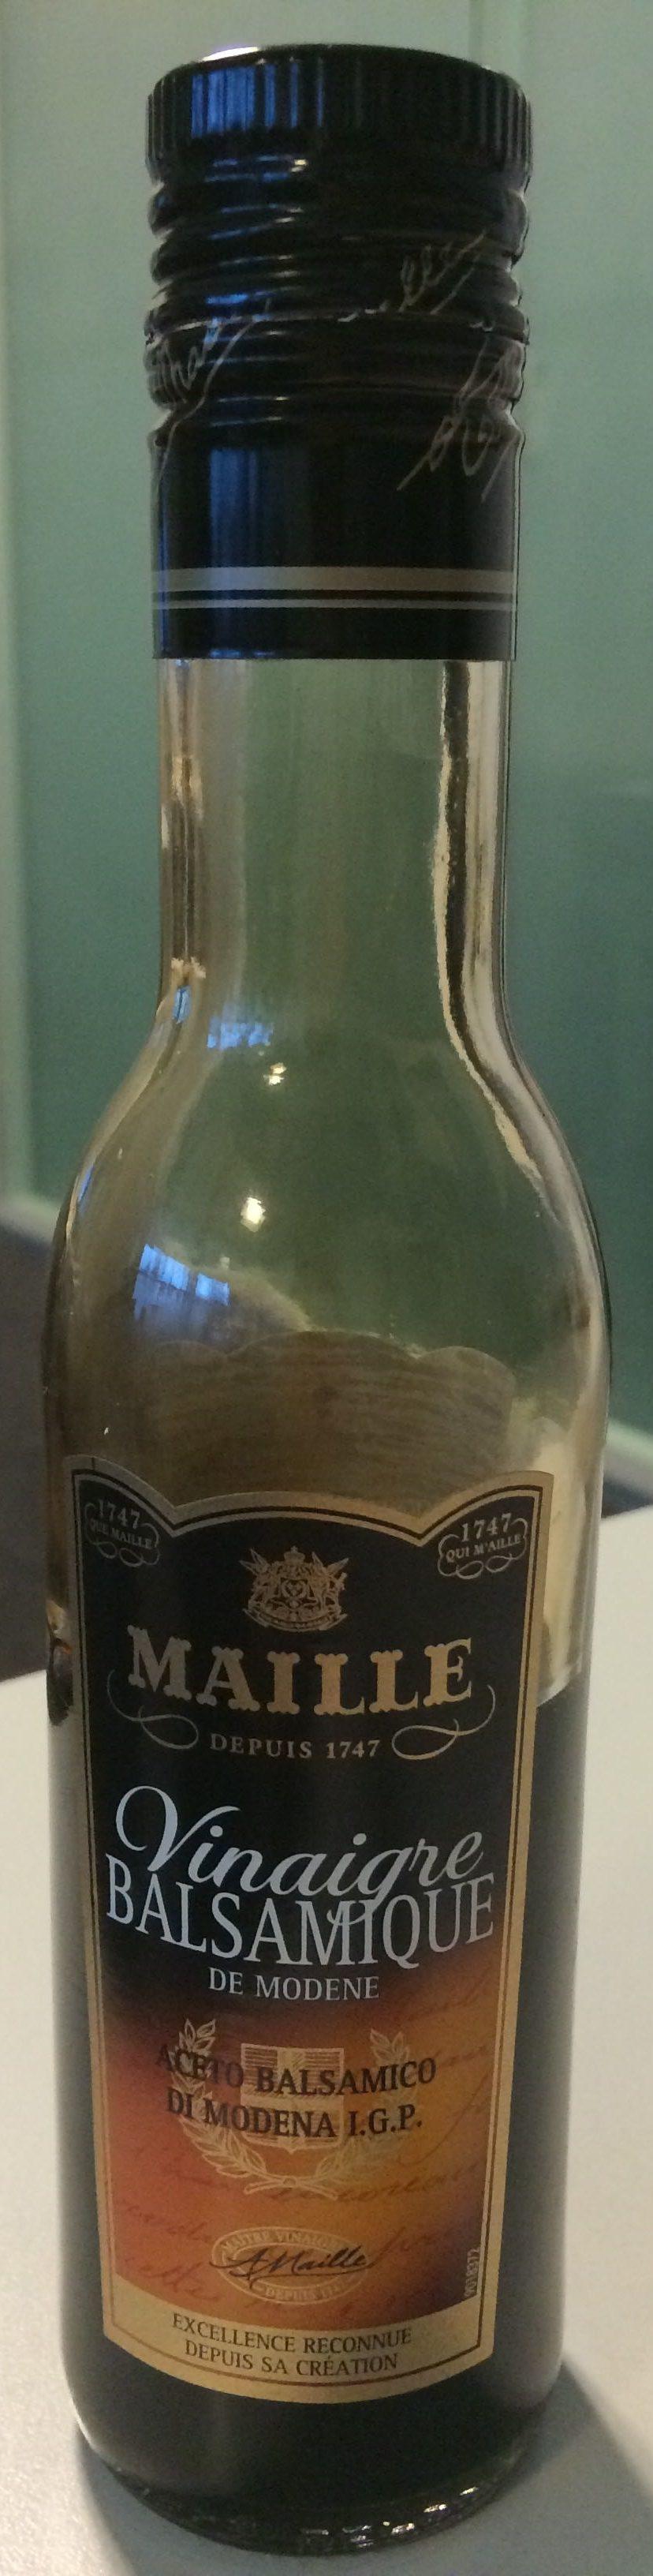 Vinaigre balsamique - Product